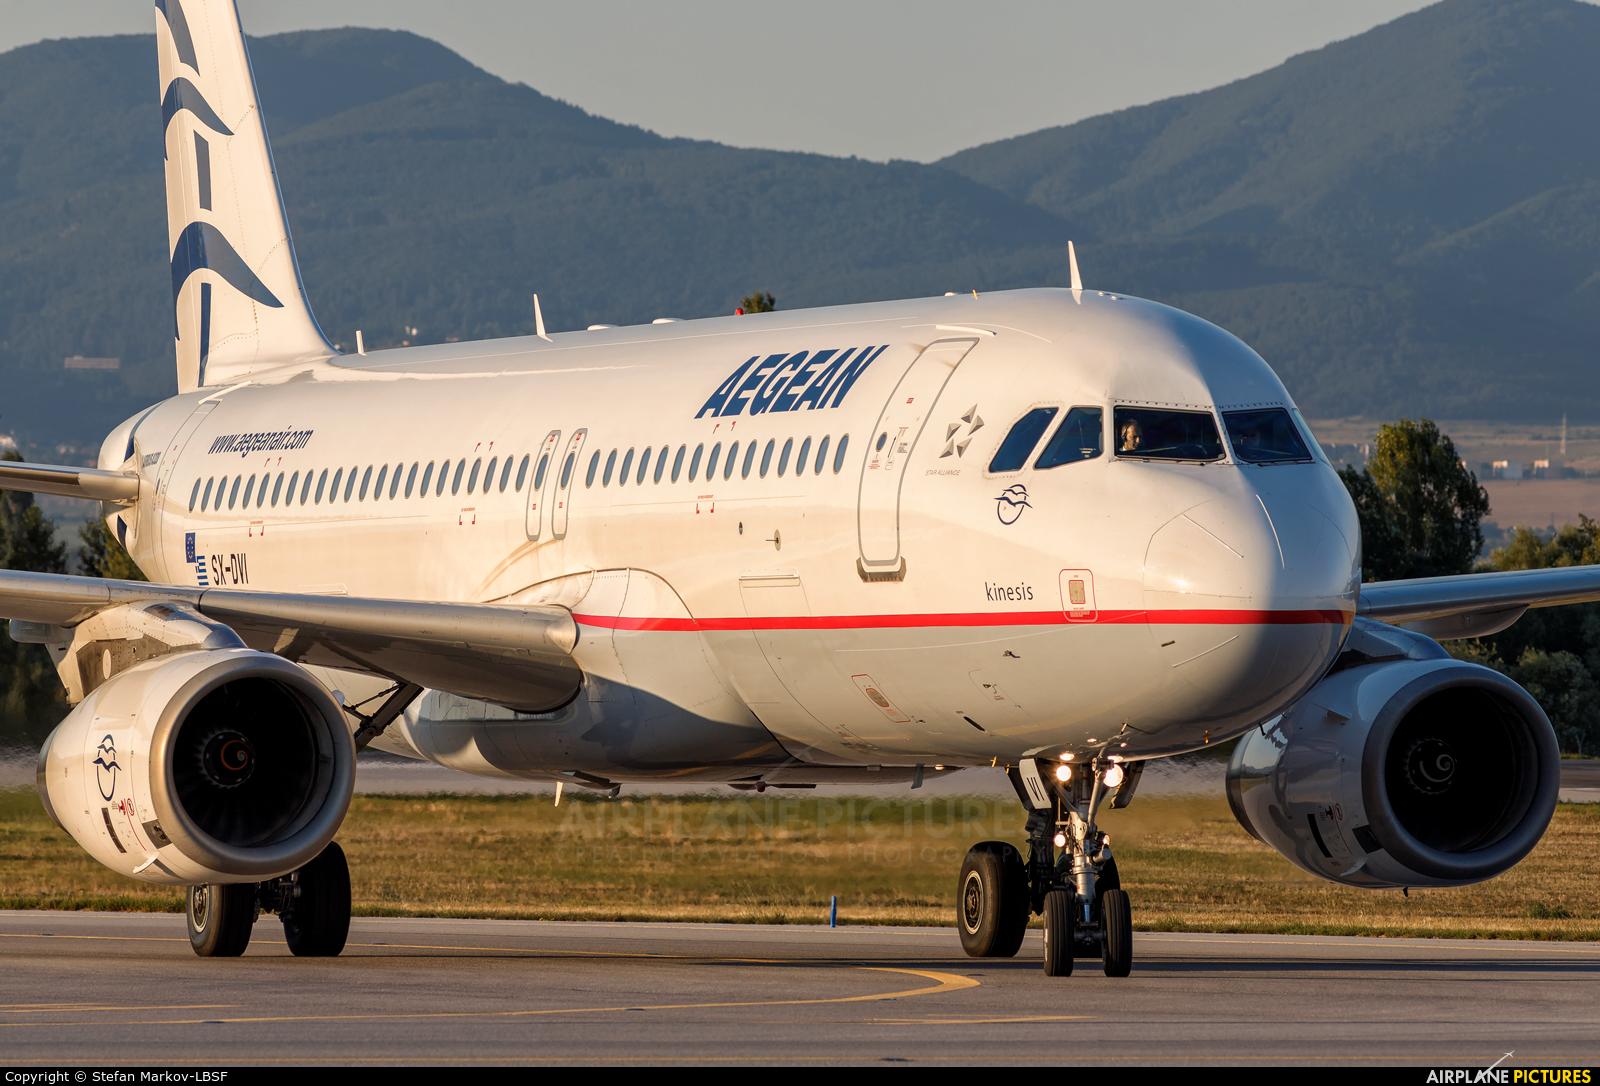 Aegean Airlines SX-DVI aircraft at Sofia